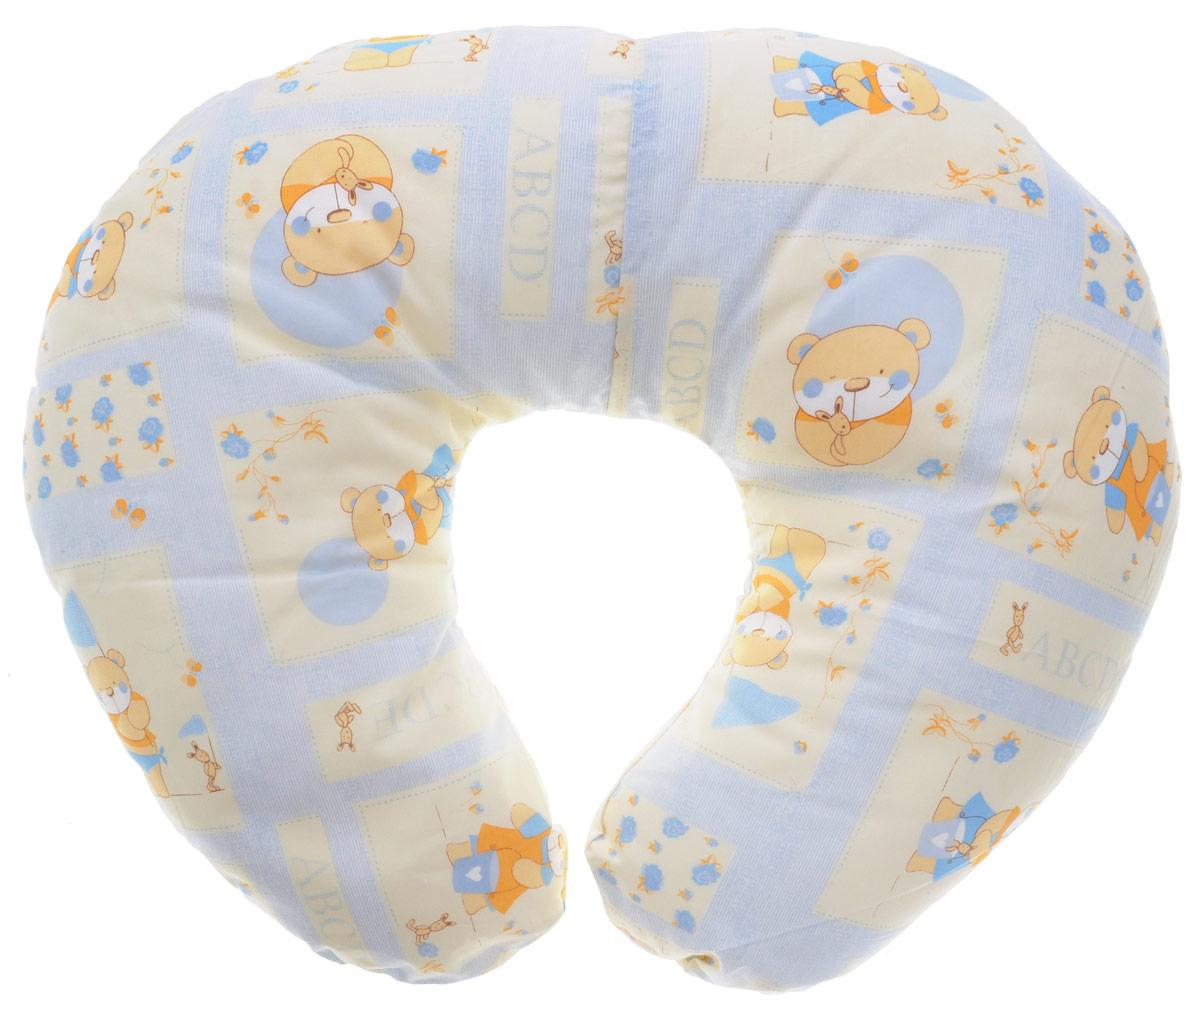 Plantex Подушка для кормящих и беременных мам Comfy Small Мишка цвет голубойS03301004Многофункциональная подушка Plantex Comfy Small. Мишка идеальна для удобства ребенка и его родителей.Зачастую именно эта модель называется подушкой для беременных. Ведь она создана именно для будущих мам с учетом всех анатомических особенностей в этот период. На любом сроке беременности она бережно поддержит растущий животик и поможет сохранить комфортное и безопасное положение во время сна. Также подушка идеально подходит для кормления уже появившегося малыша. Позже многофункциональная подушка поможет ему сохранить равновесие при первых попытках сесть.Чехол подушки выполнен из 100% хлопка и снабжен застежкой-молнией, что позволяет без труда снять и постирать его. Наполнителем подушки служат полистироловые шарики - экологичные, не деформируются сами и хорошо сохраняют форму подушки.Подушка для кормящих и беременных мам Plantex Comfy Small. Мишка - это удобная и практичная вещь, которая прослужит вам долгое время.Подушка поставляется в сумке-чехле.При использовании рекомендуется следующий уход: наволочка - машинная стирка и глажение, подушка с наполнителем - ручная стирка.